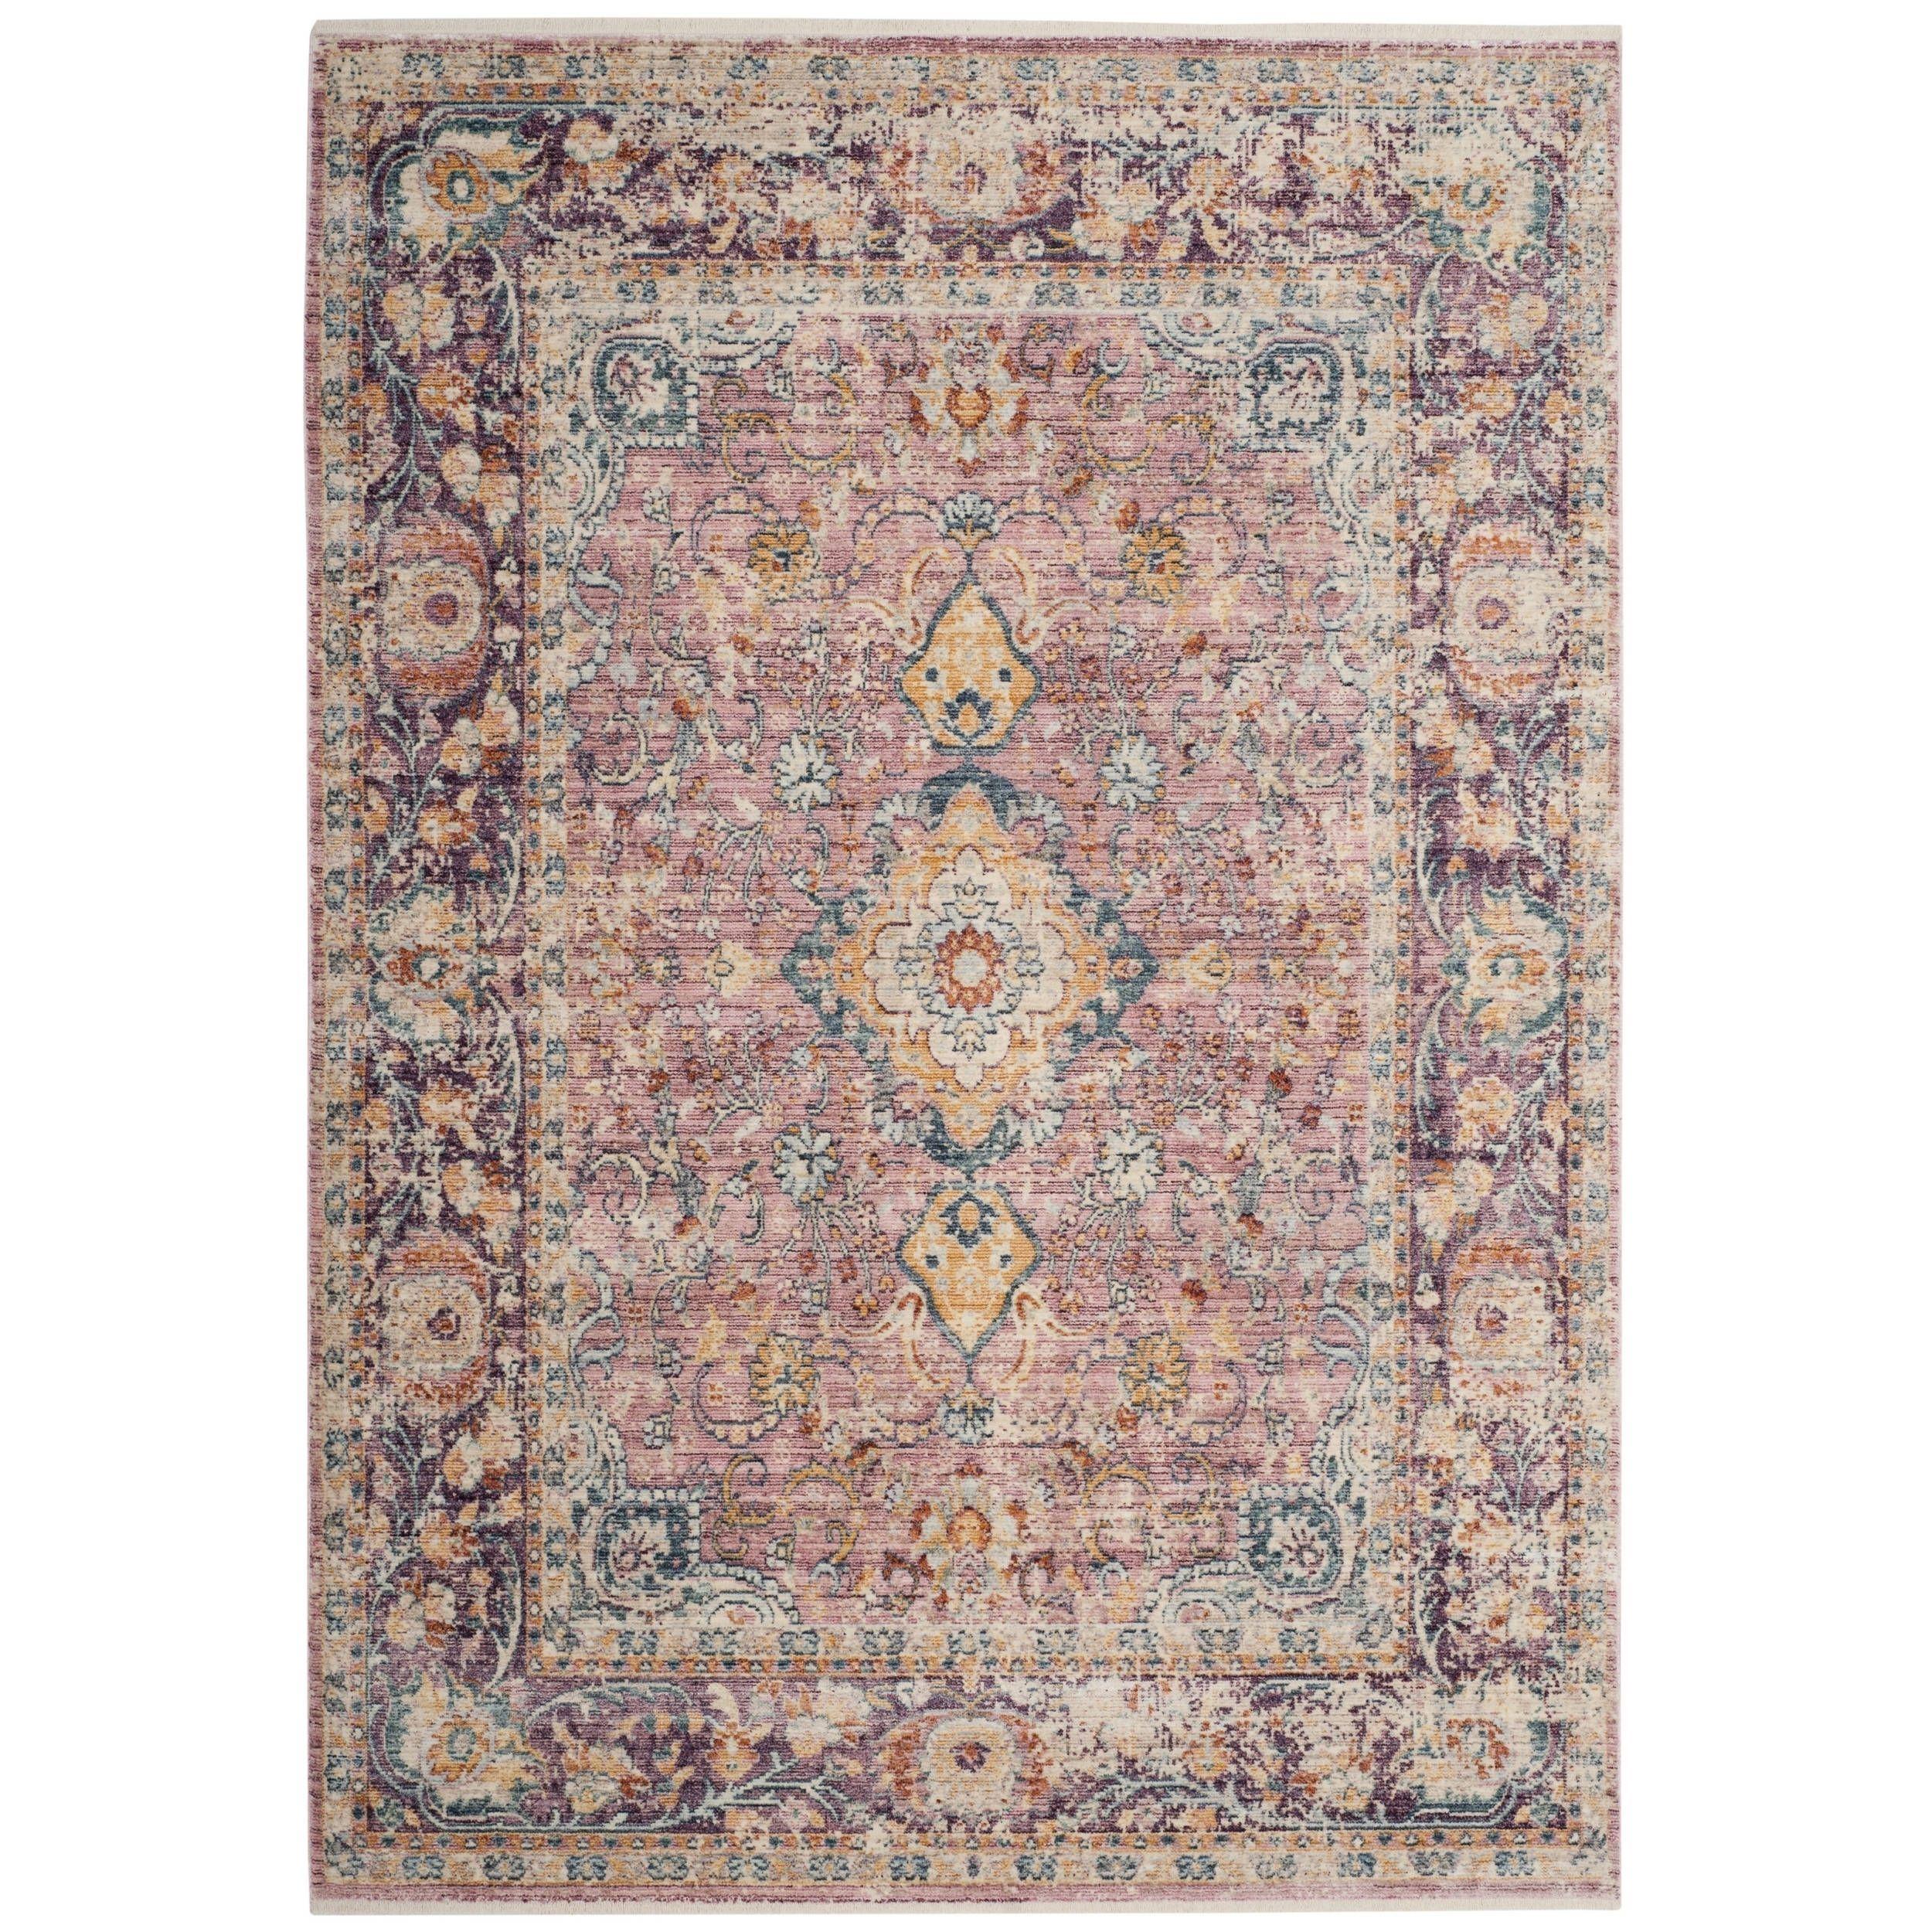 Safavieh Illusion Daijah Vintage Boho Oriental Viscose Rug With Fringe Purple Area Rugs Floral Rug Area Rugs